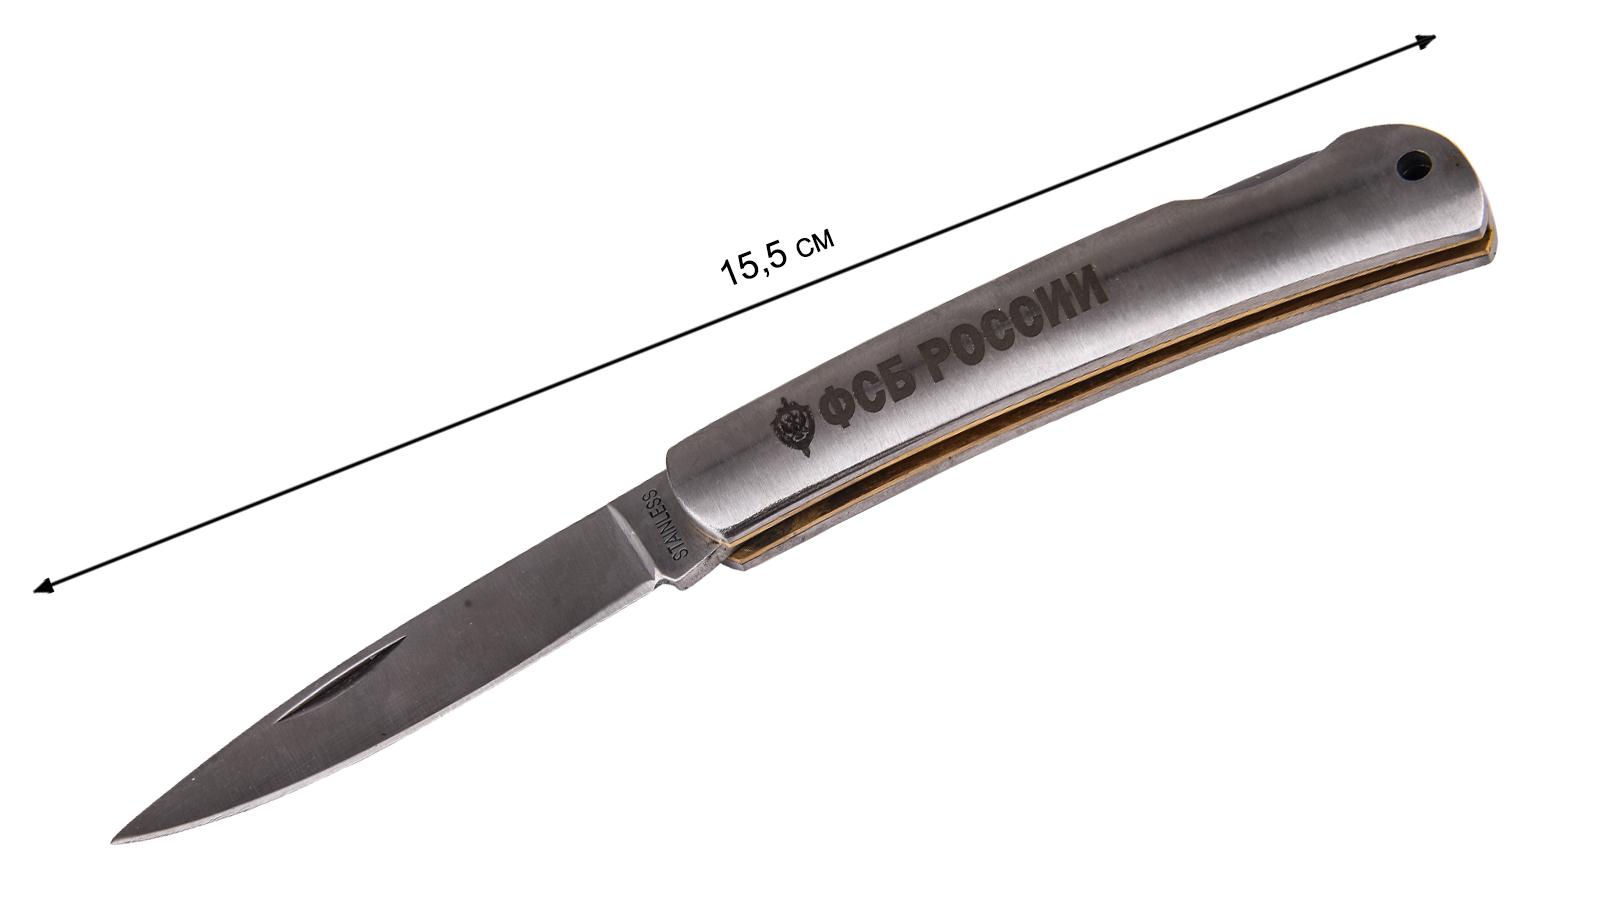 Купить эксклюзивный нож ФСБ России недорого